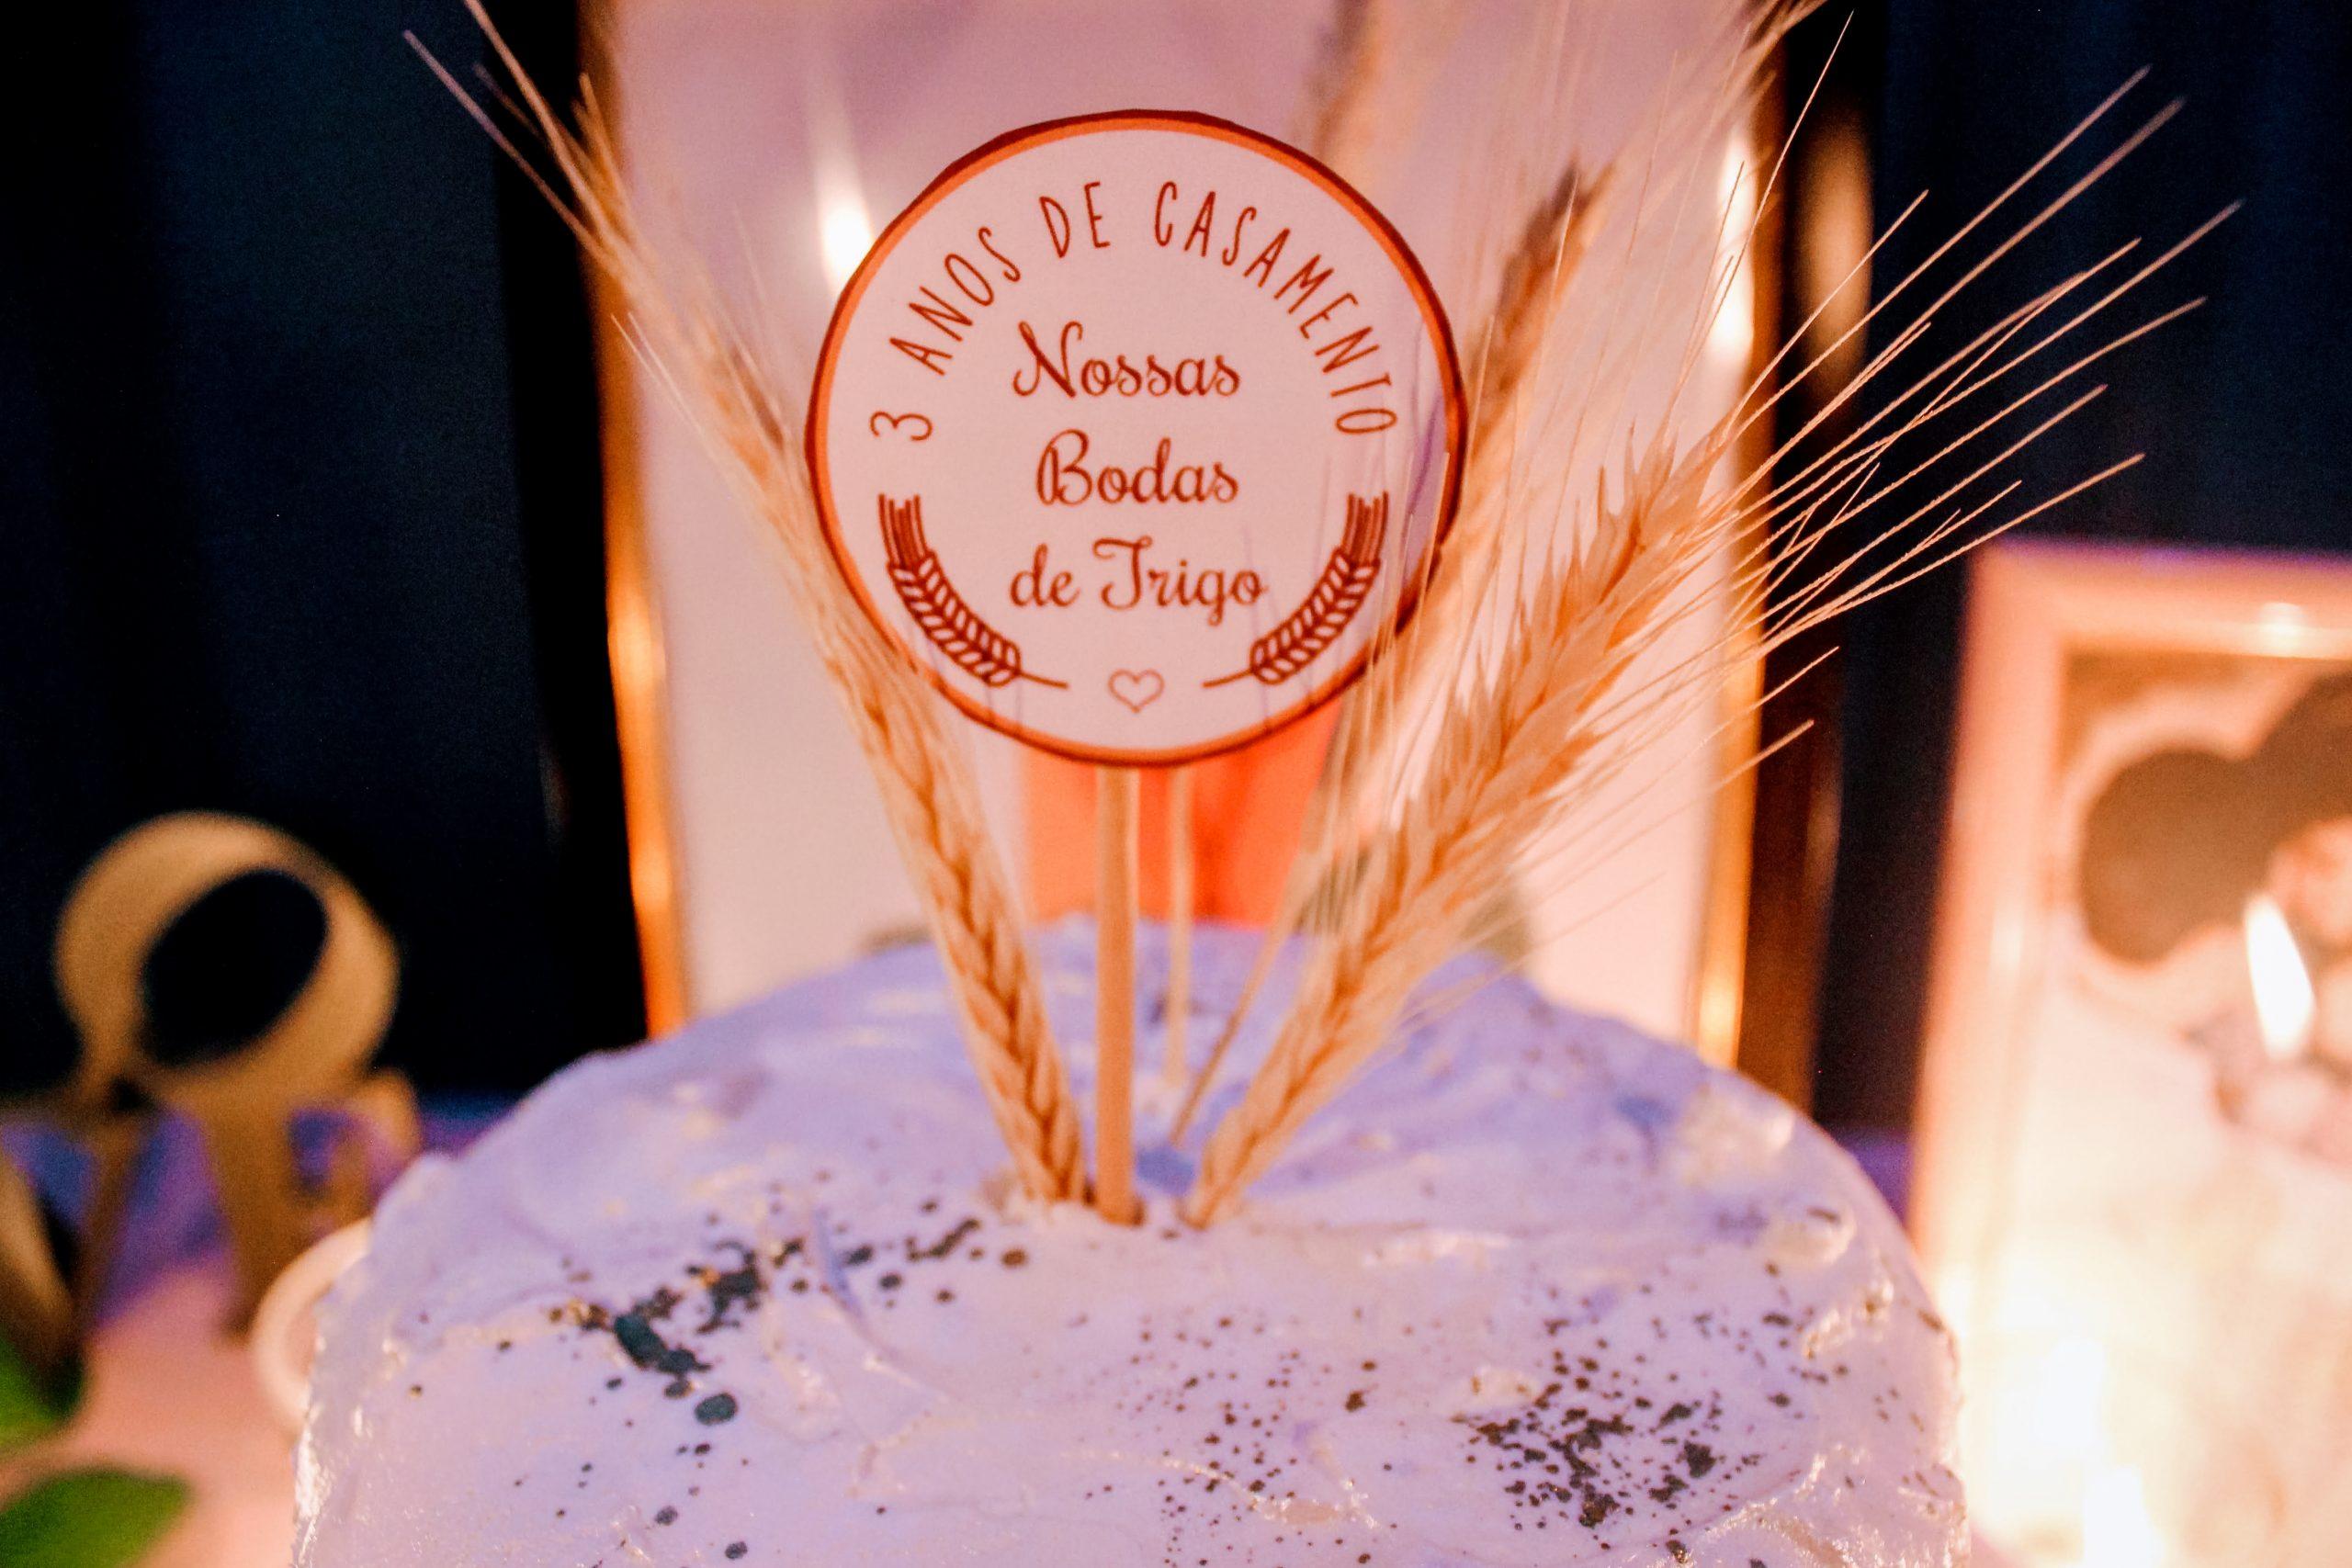 bodas de trigo tag topo de bolo